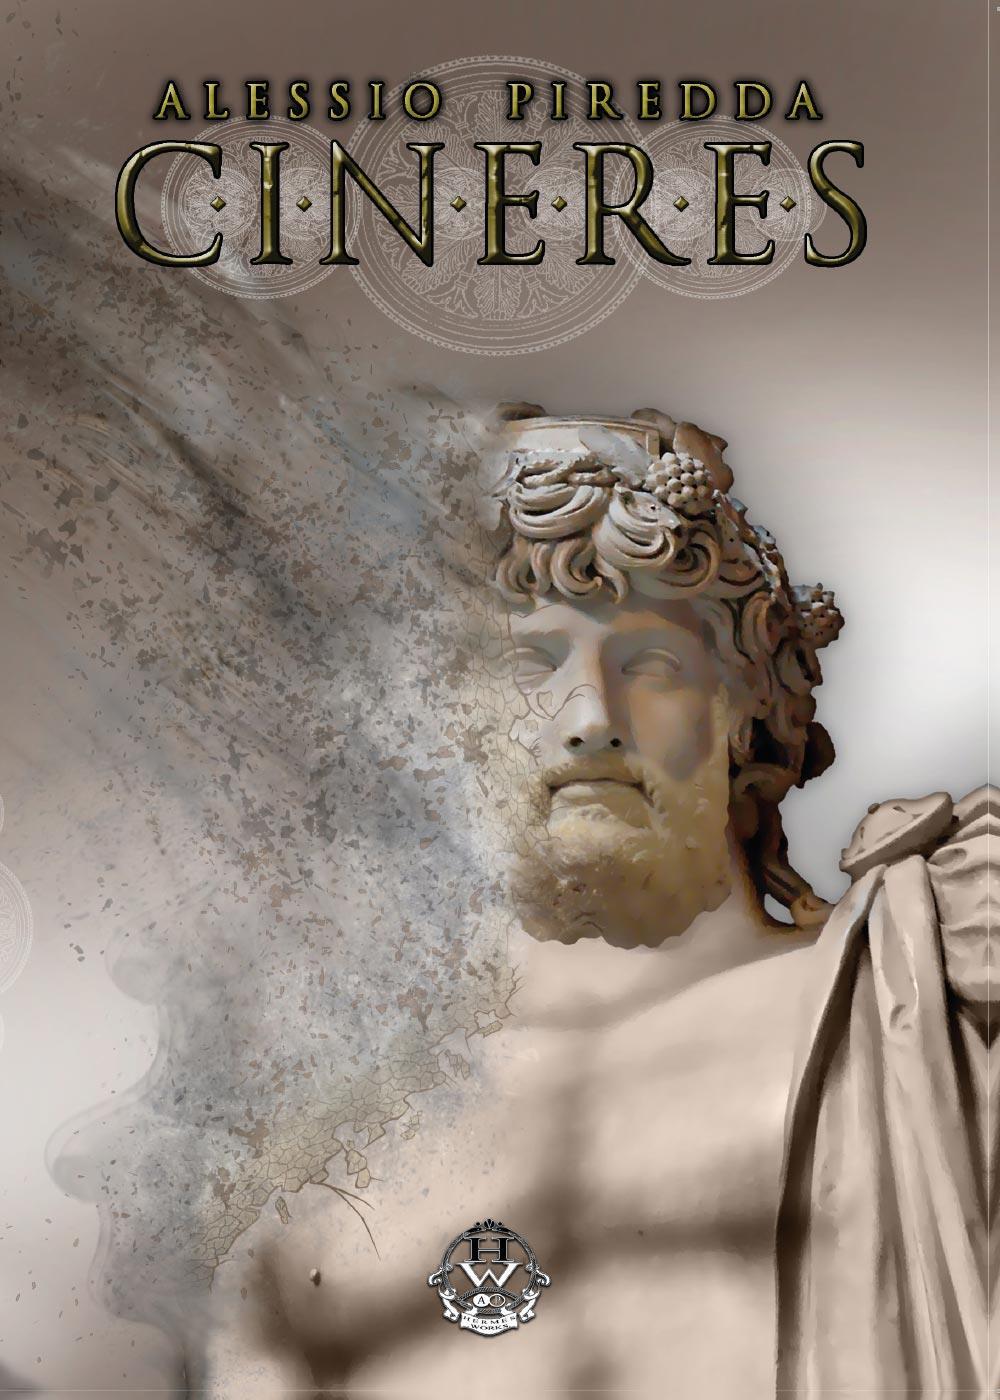 Cineres